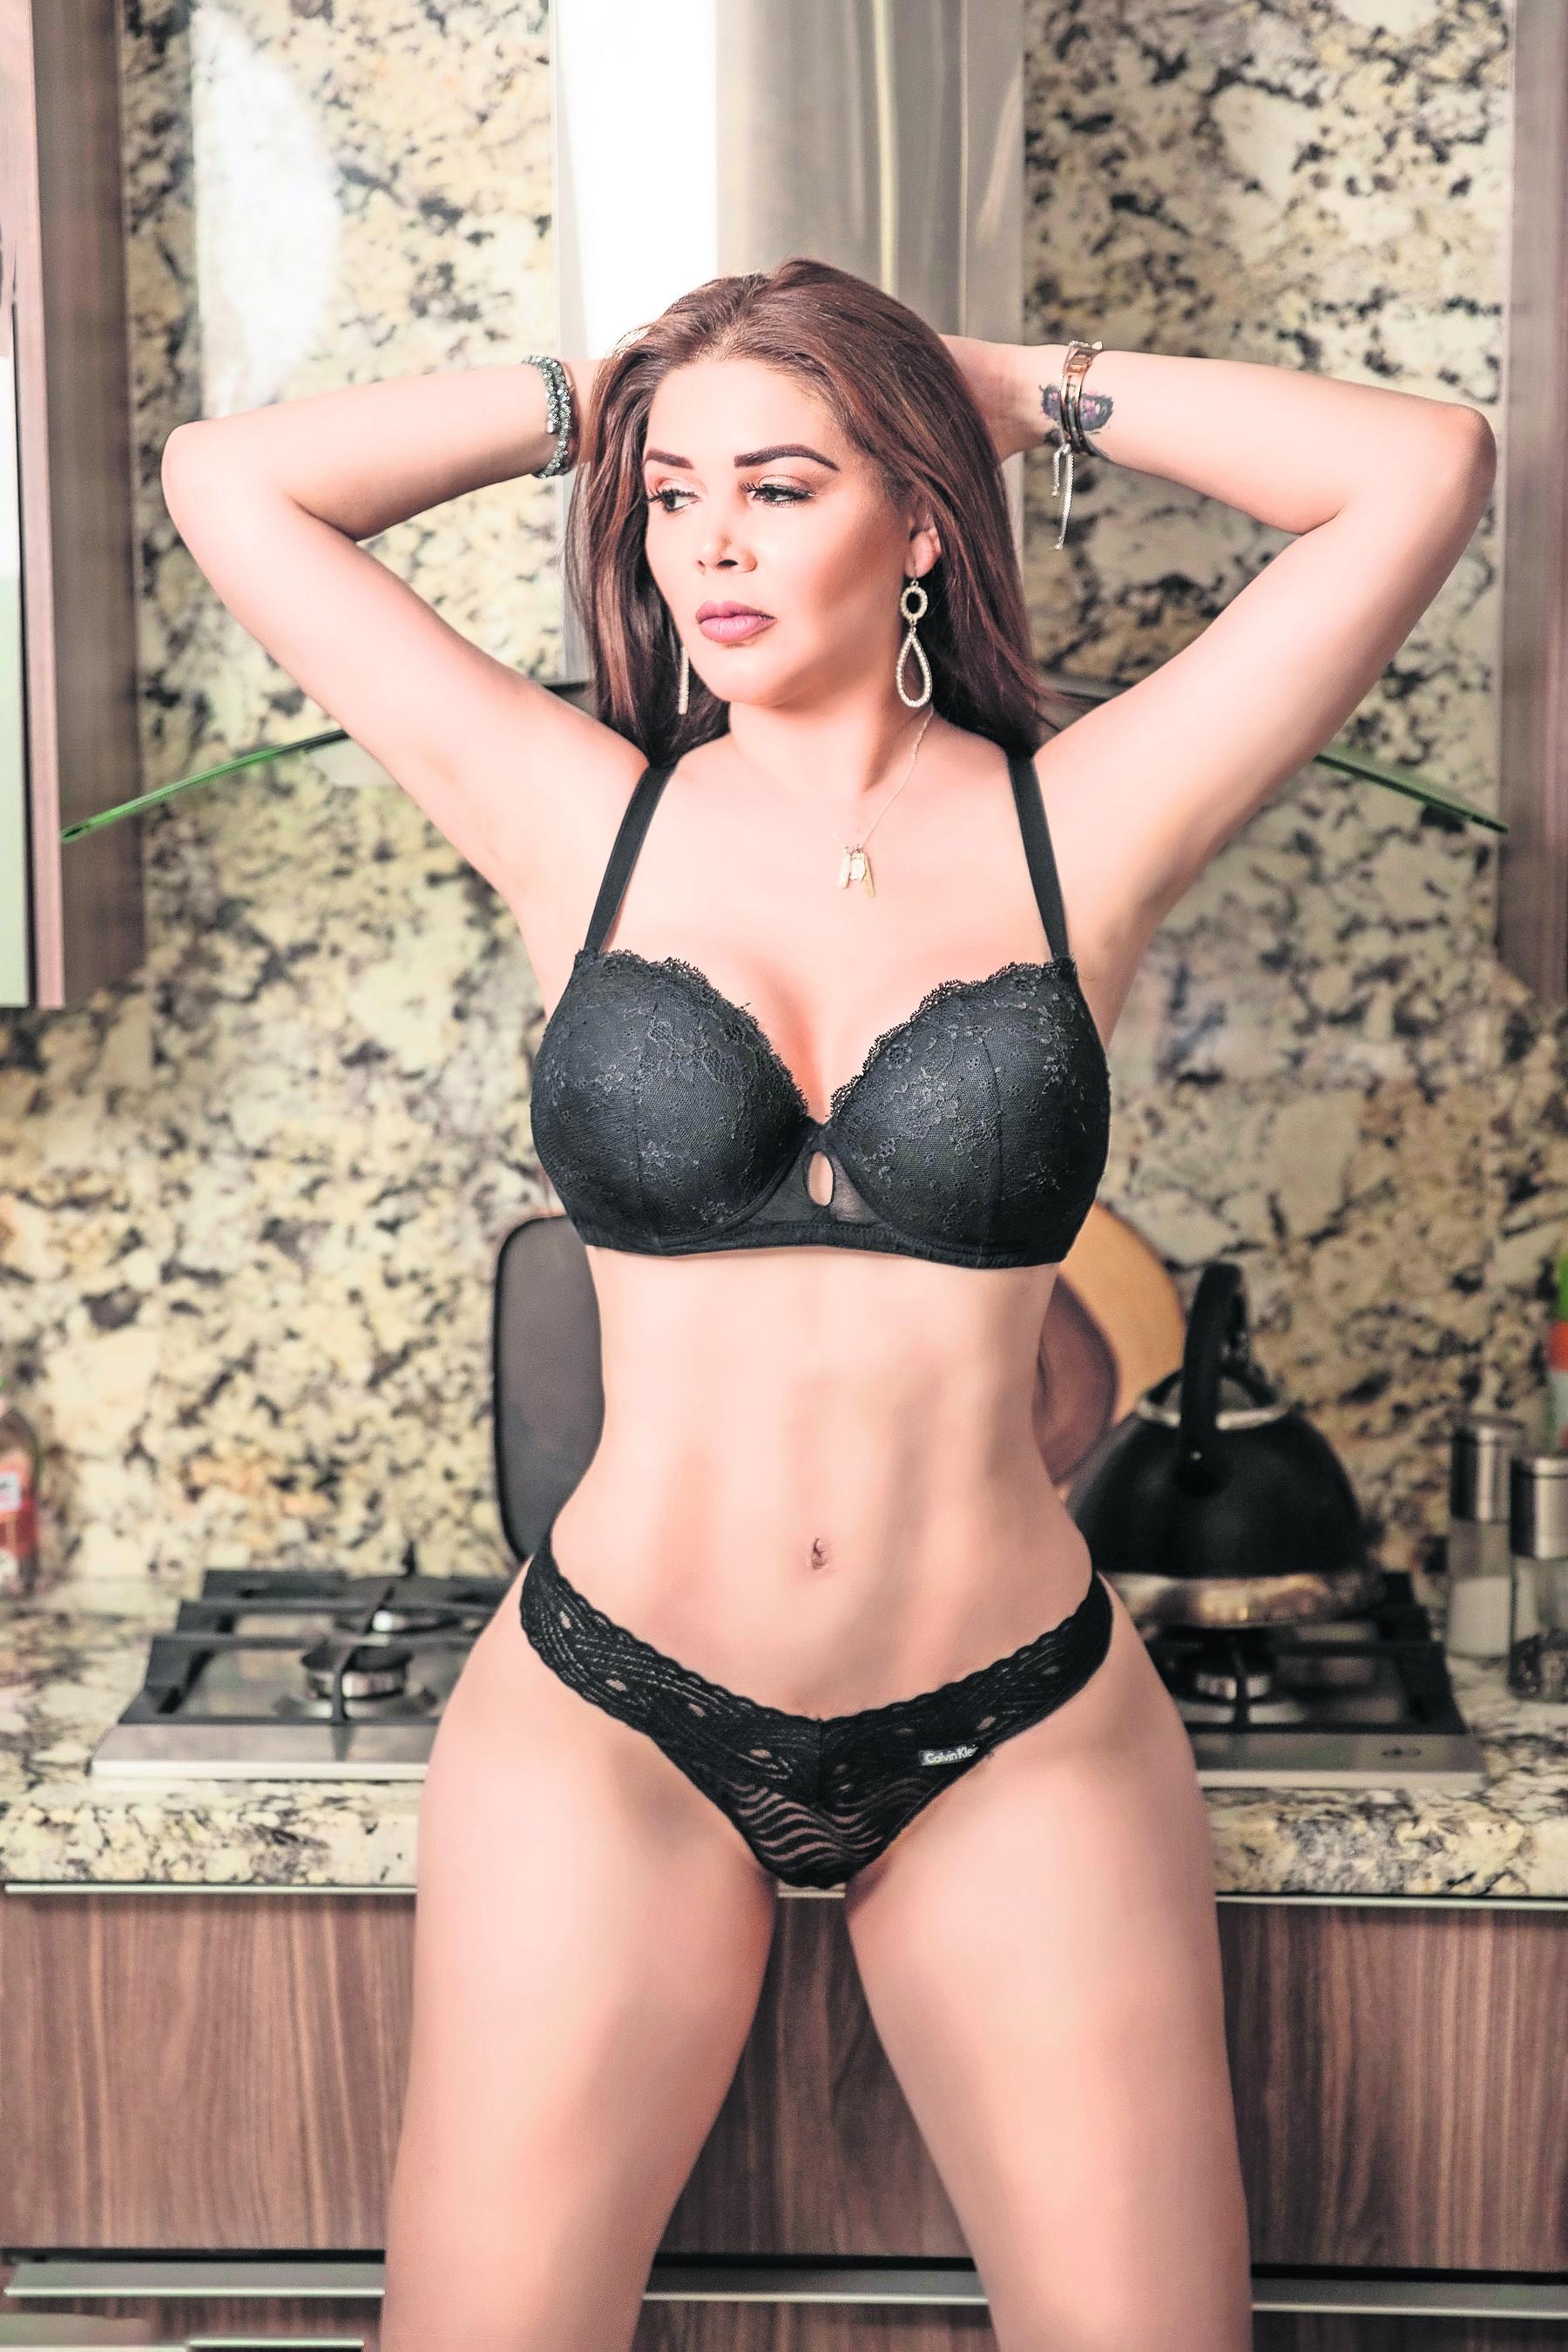 modelo chihuahua pagina web sensualidad